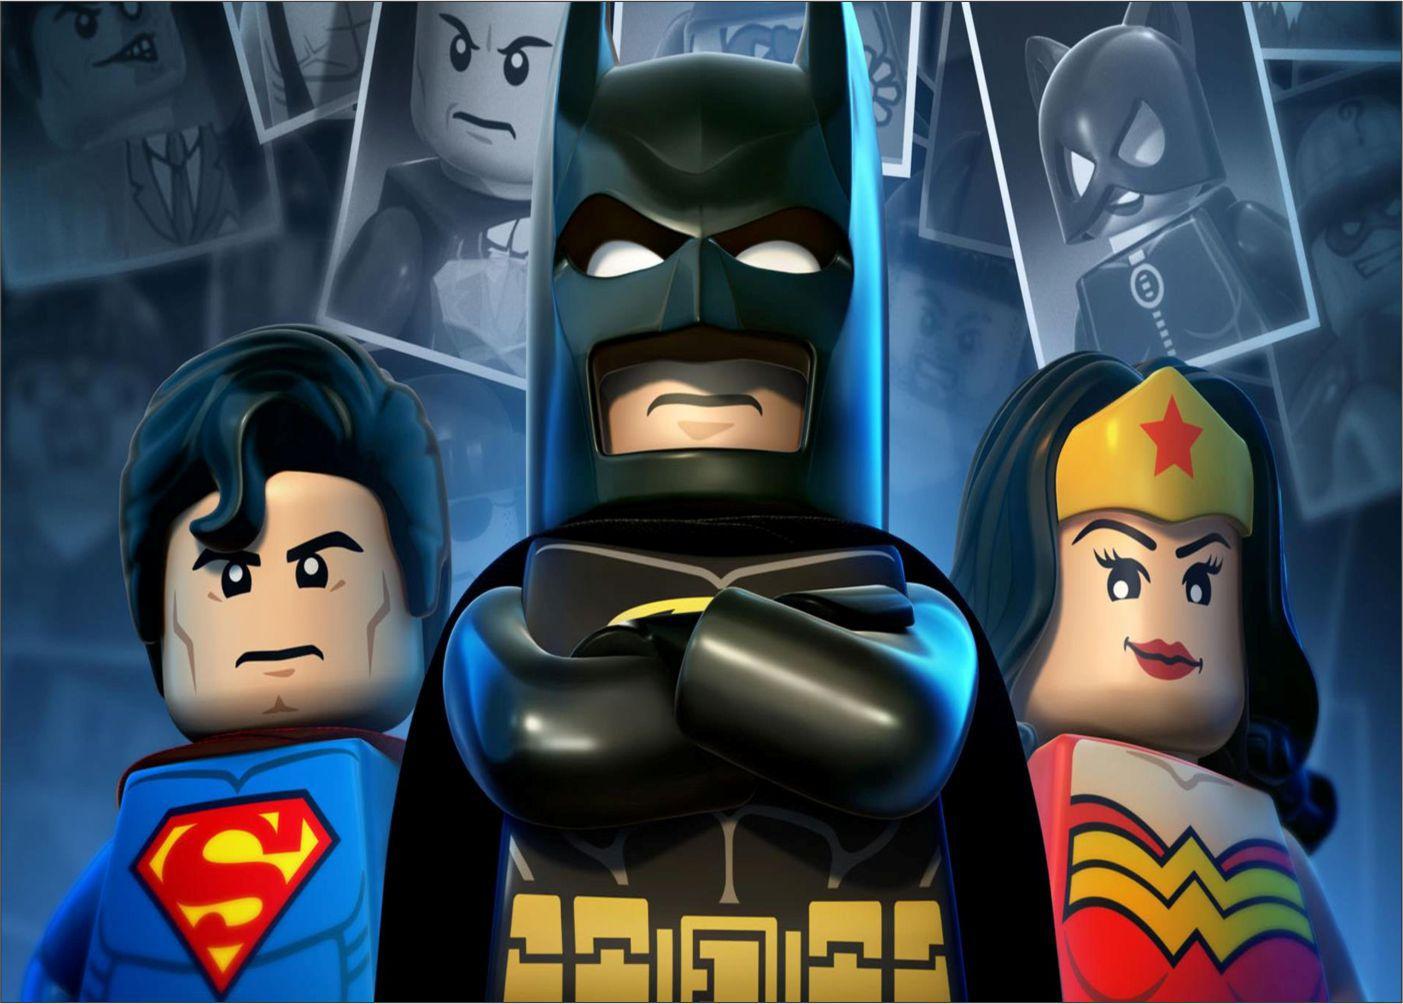 Papel de Parede Infantil Heróis lego 0018  - Paredes Decoradas